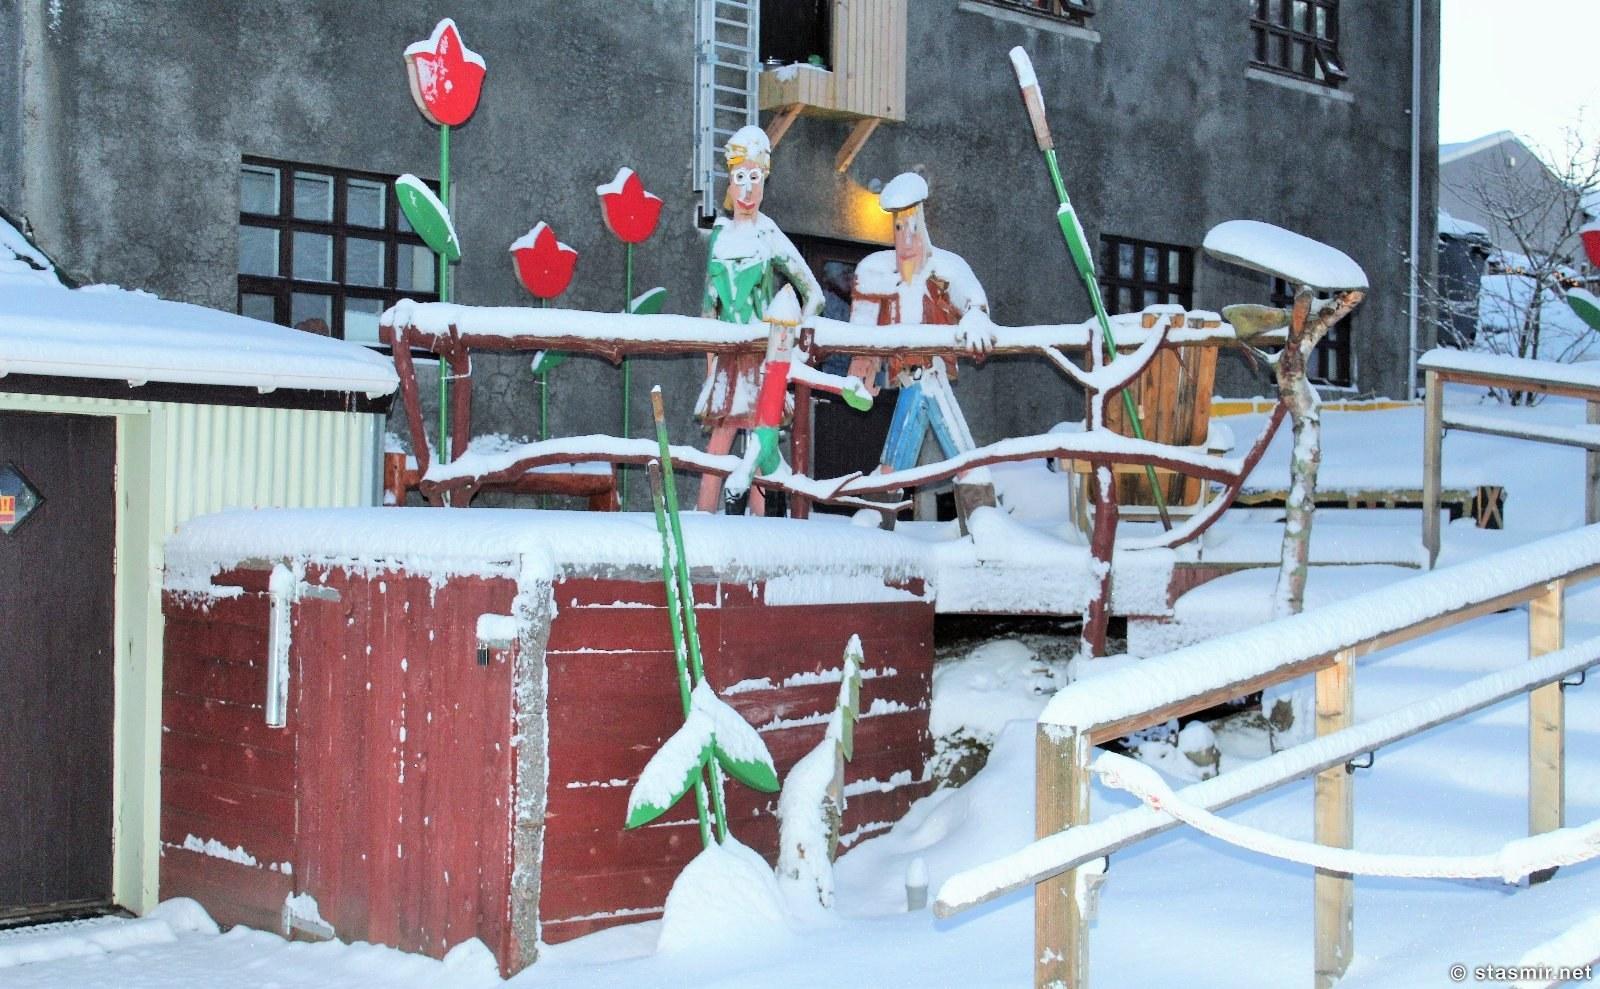 Деревянные человечки у шерстяной фабрики Álafoss, Мосфельсбайер, фото Стасмир, photo Stasmir